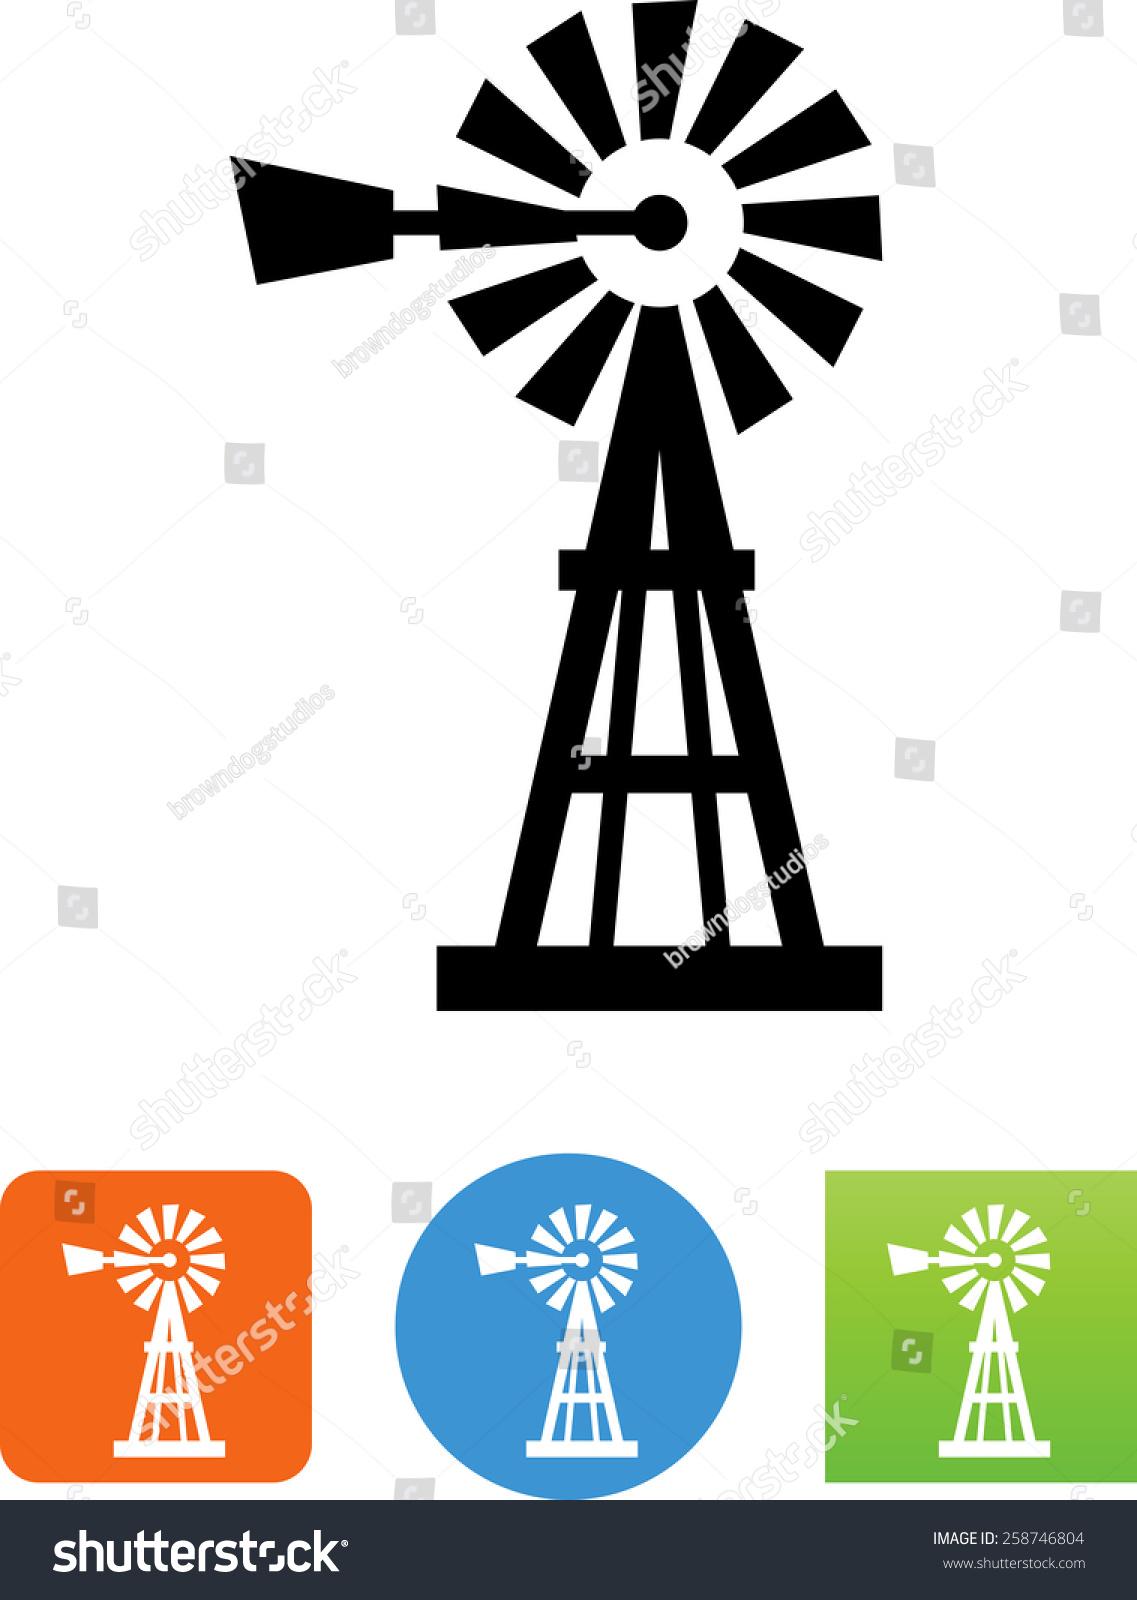 windmill deutsch